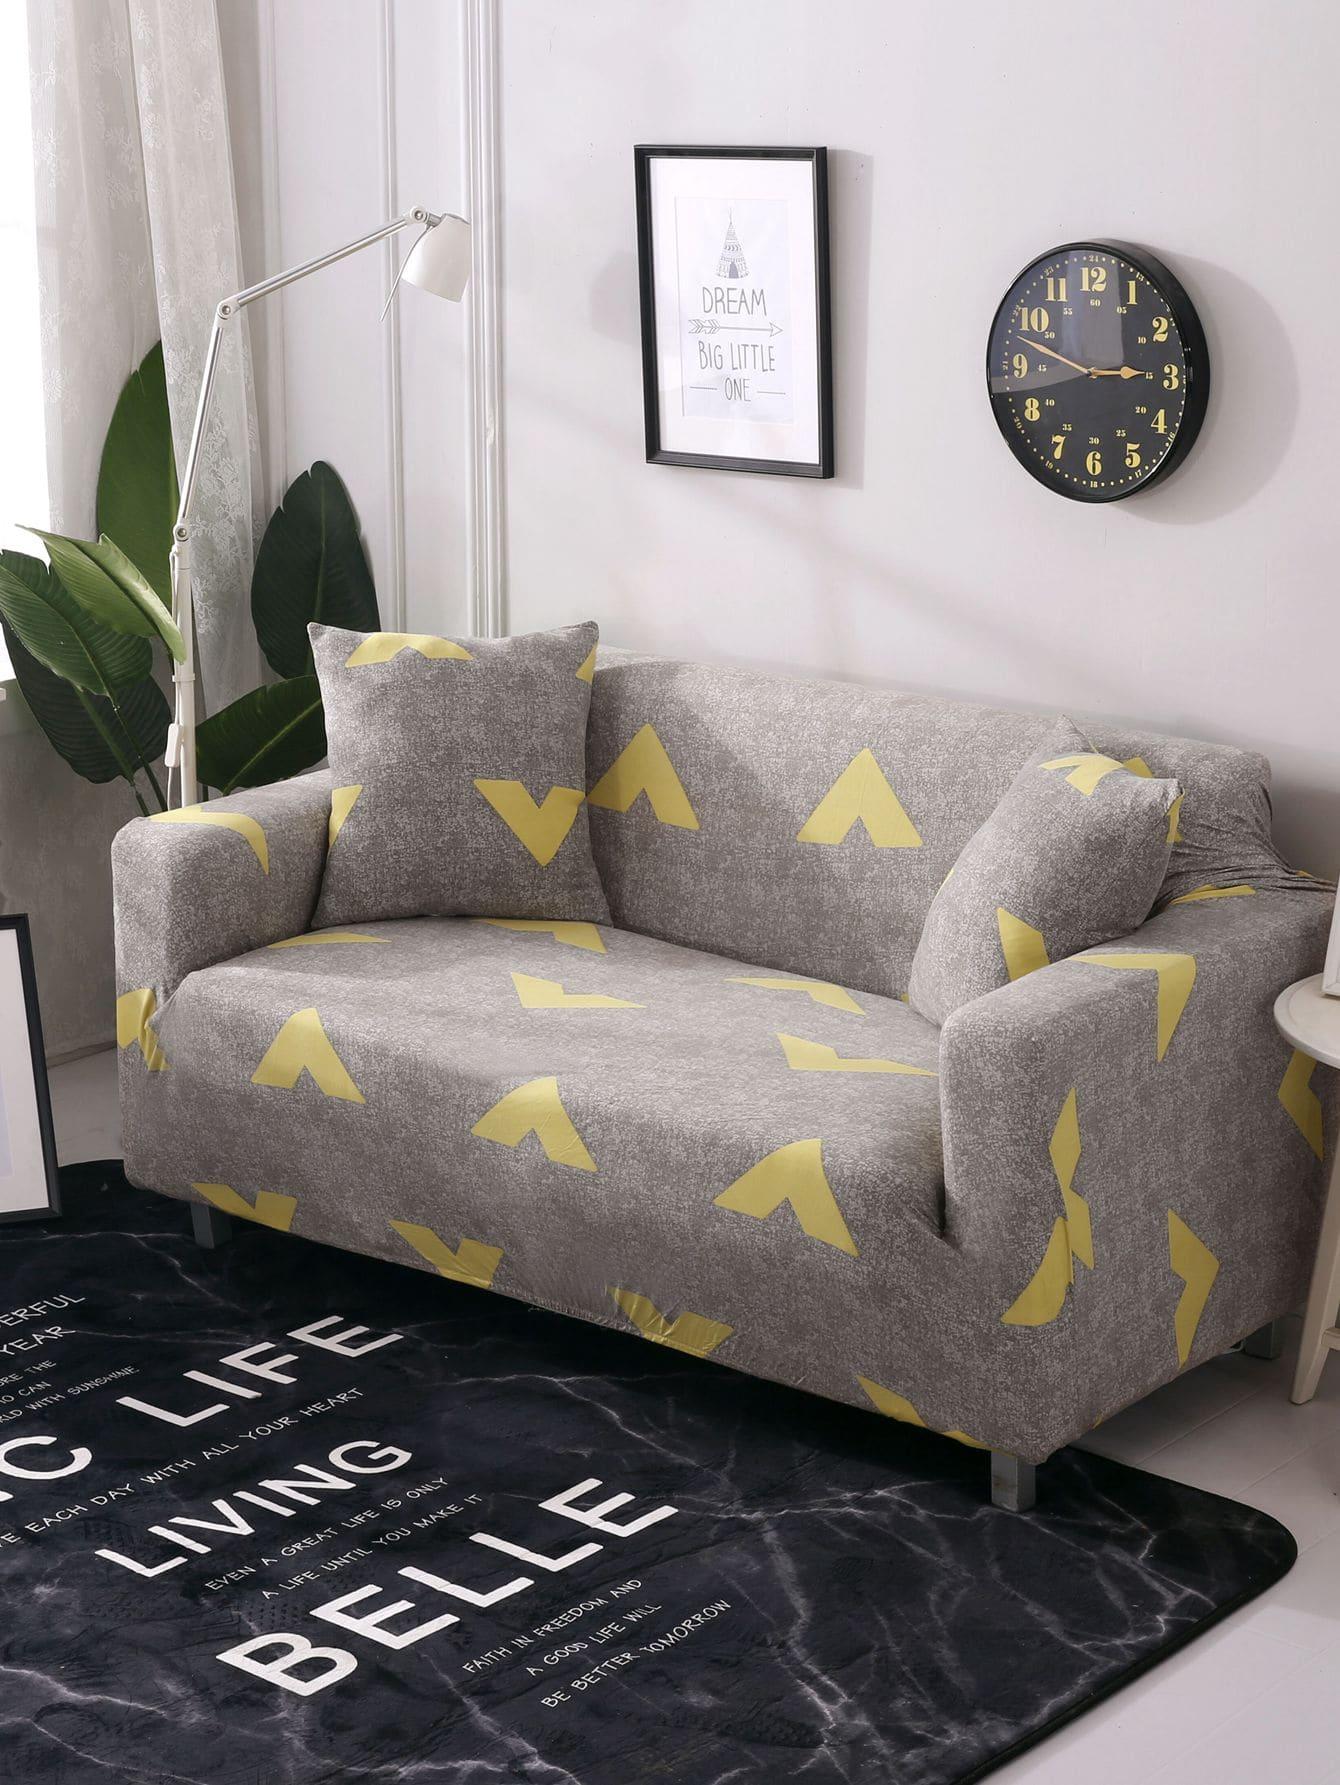 Эластичный чехол для дивана с рисунками геометрических фигур и чехол для подушки 1 шт, null, SheIn  - купить со скидкой